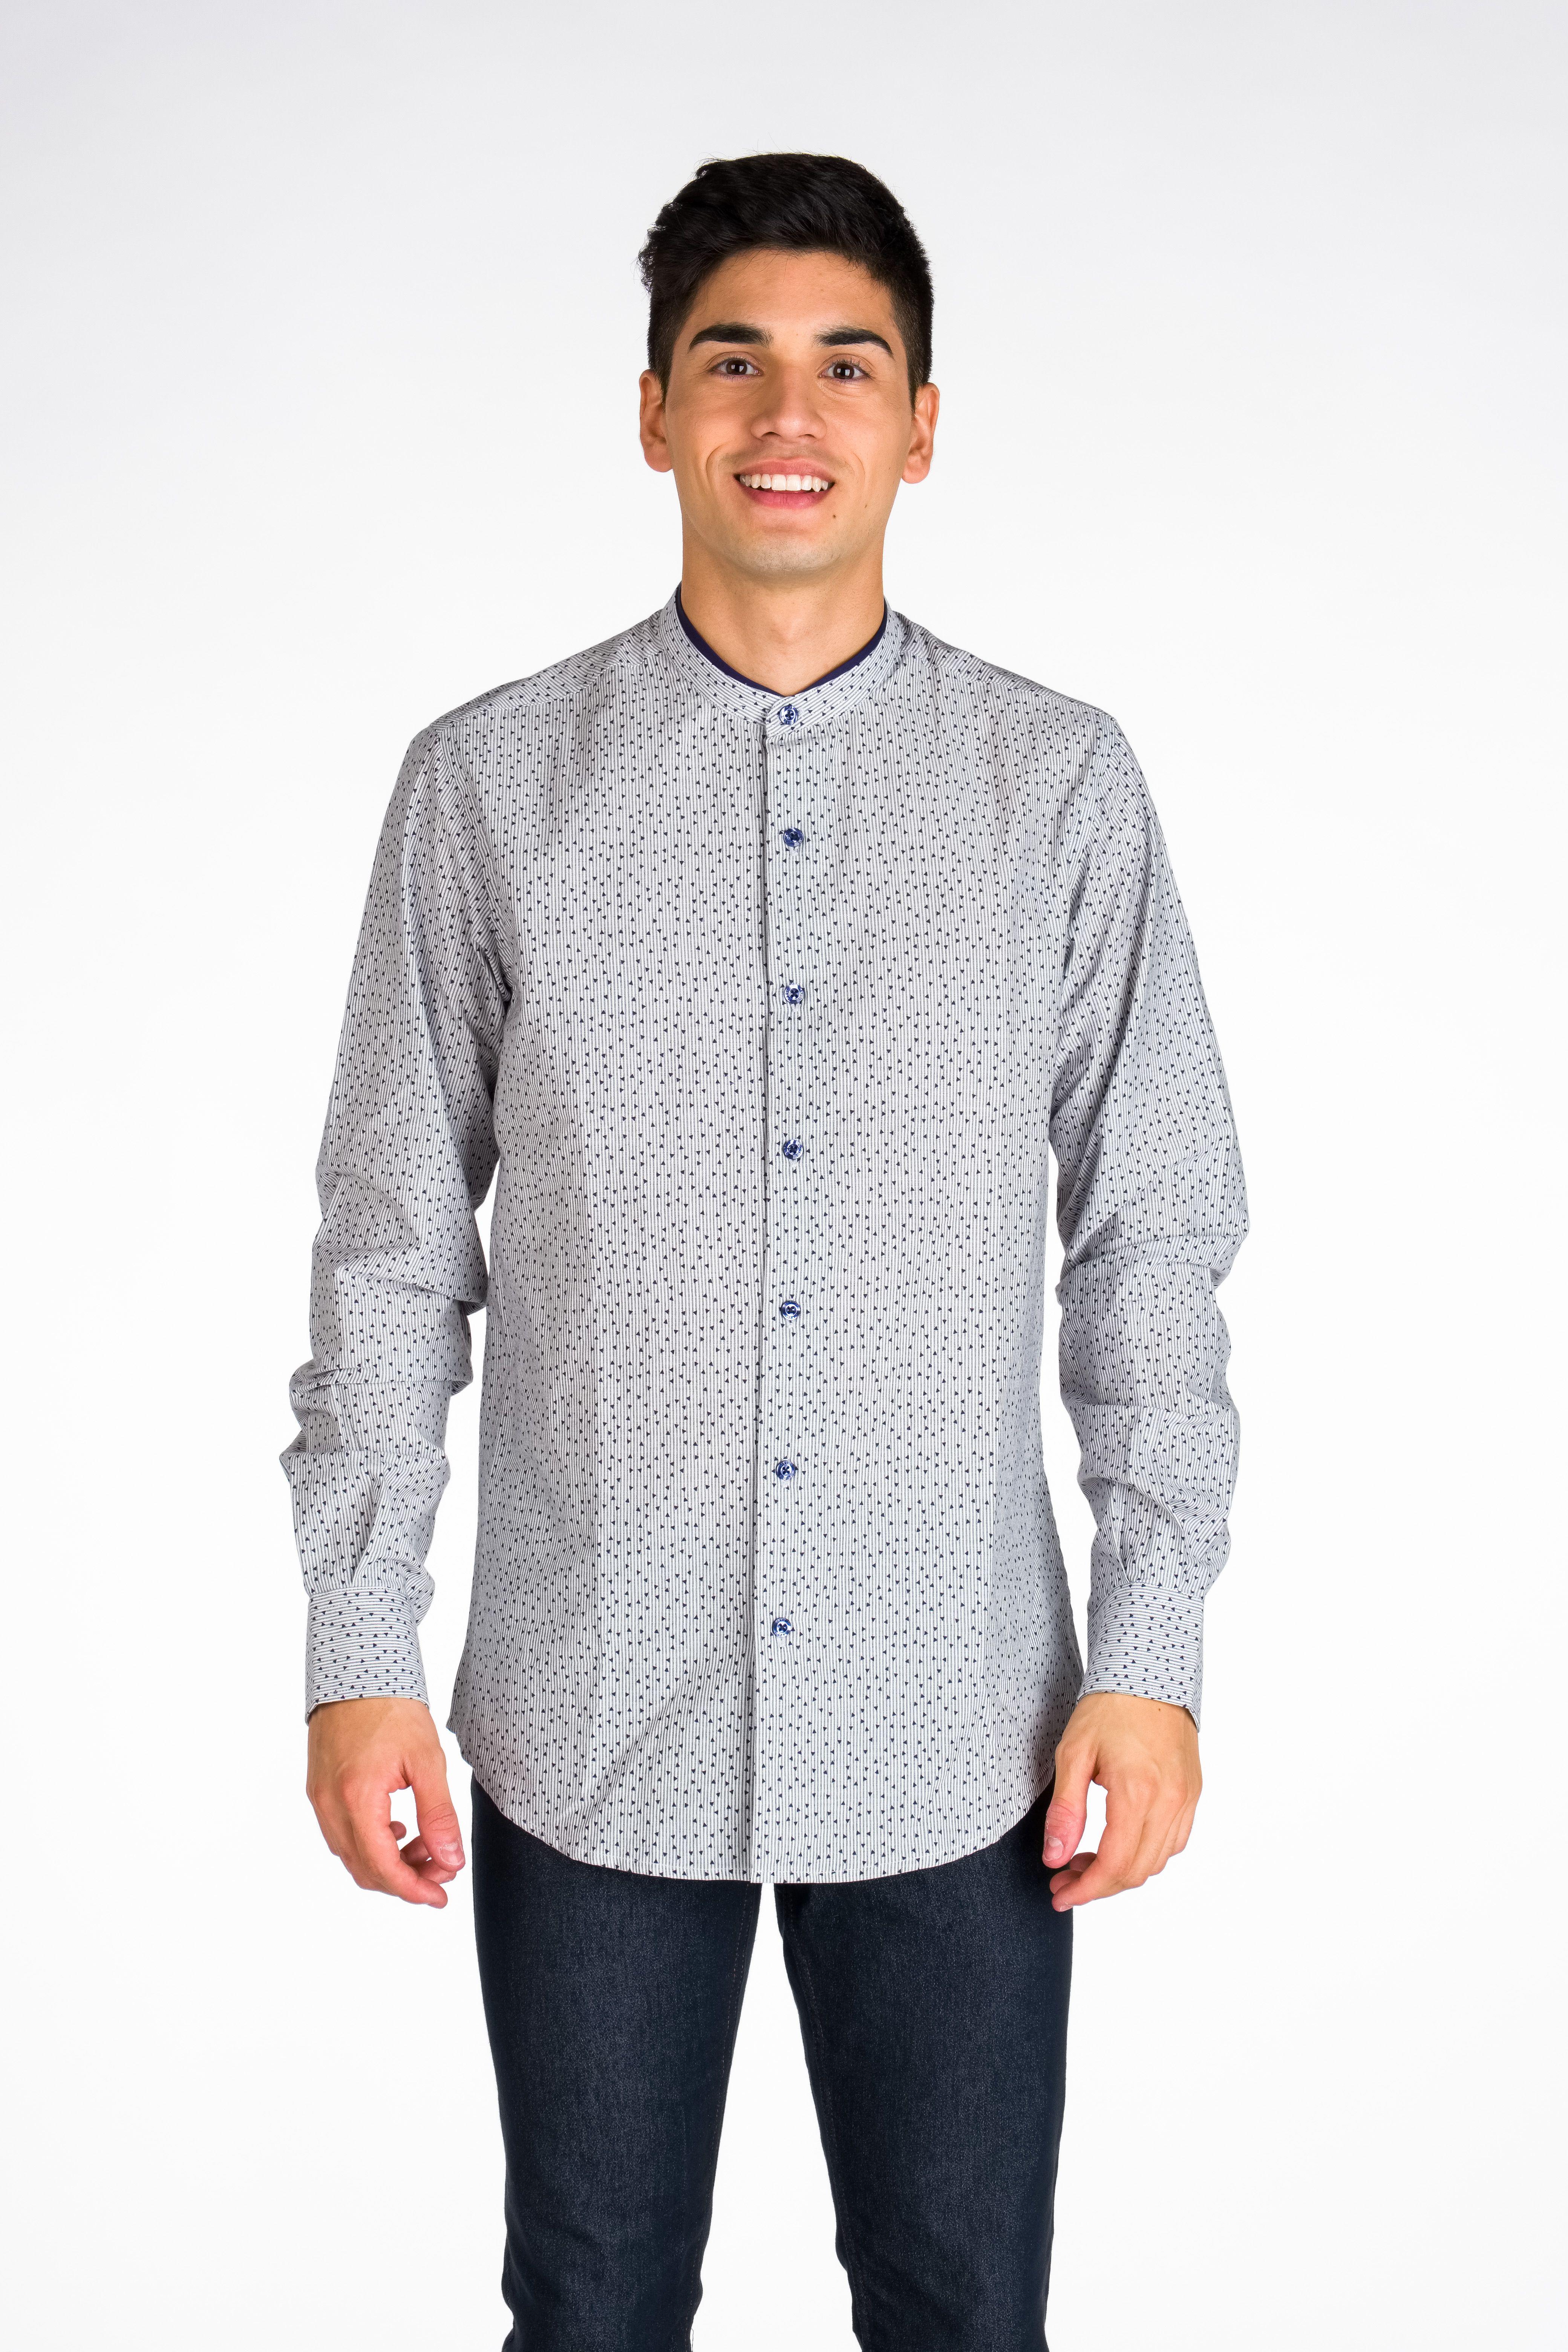 ae6c44d98a6 Camisa juvenil, divertida y muy actual para hombre. A elegir entre dos  colores entre